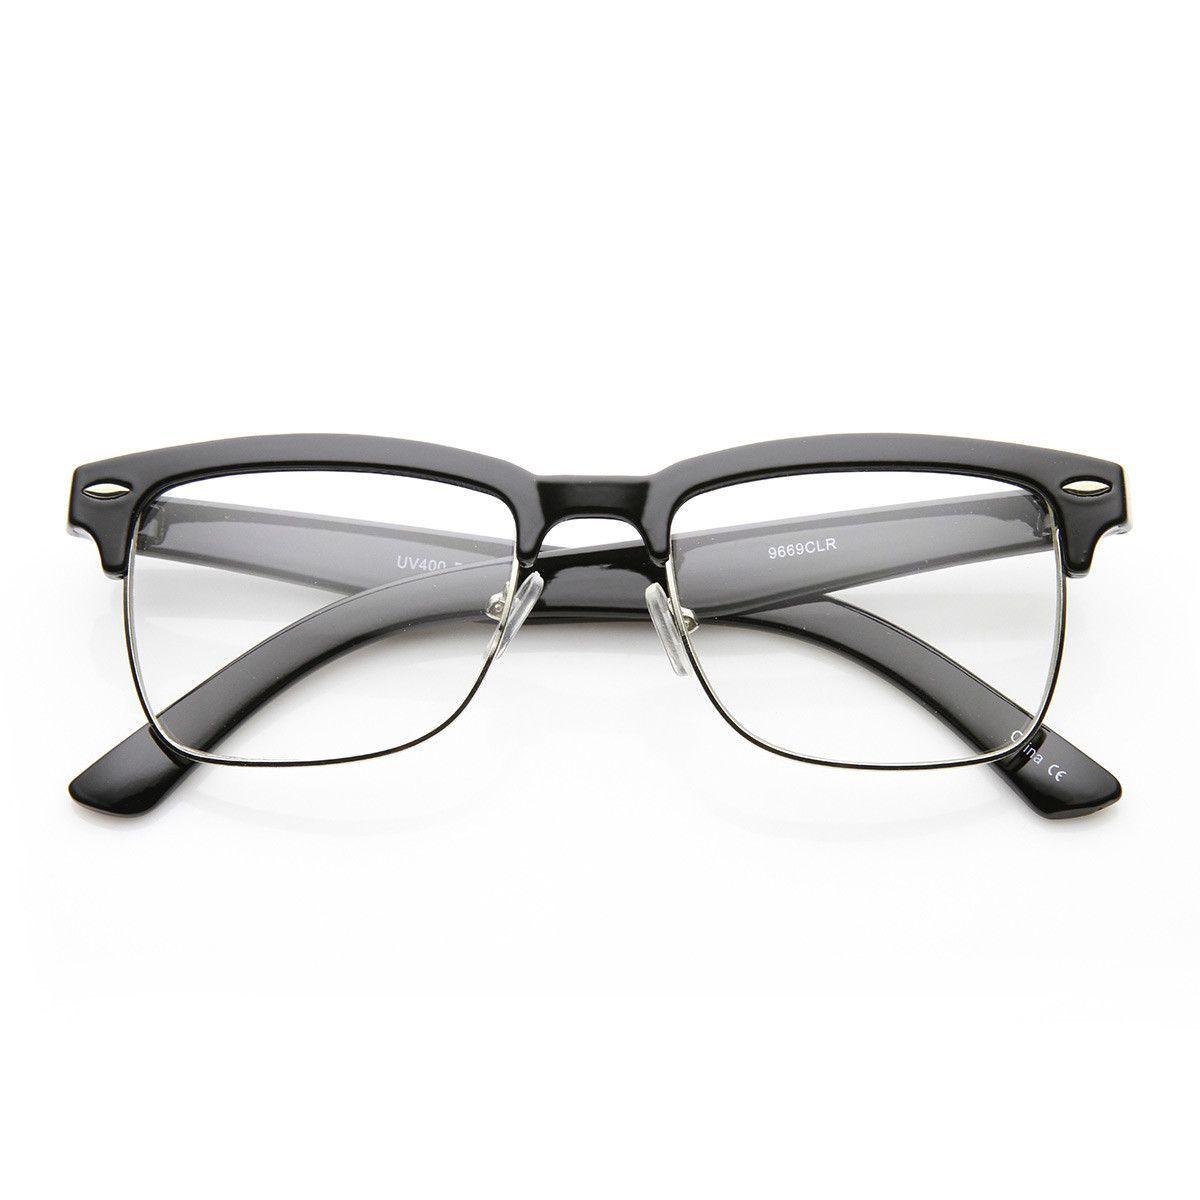 Unisex Square Medium Semi-Rimless Modern Fashion Glasses Roupas, Armações  De Óculos Masculinas, ce1bc2e1c2